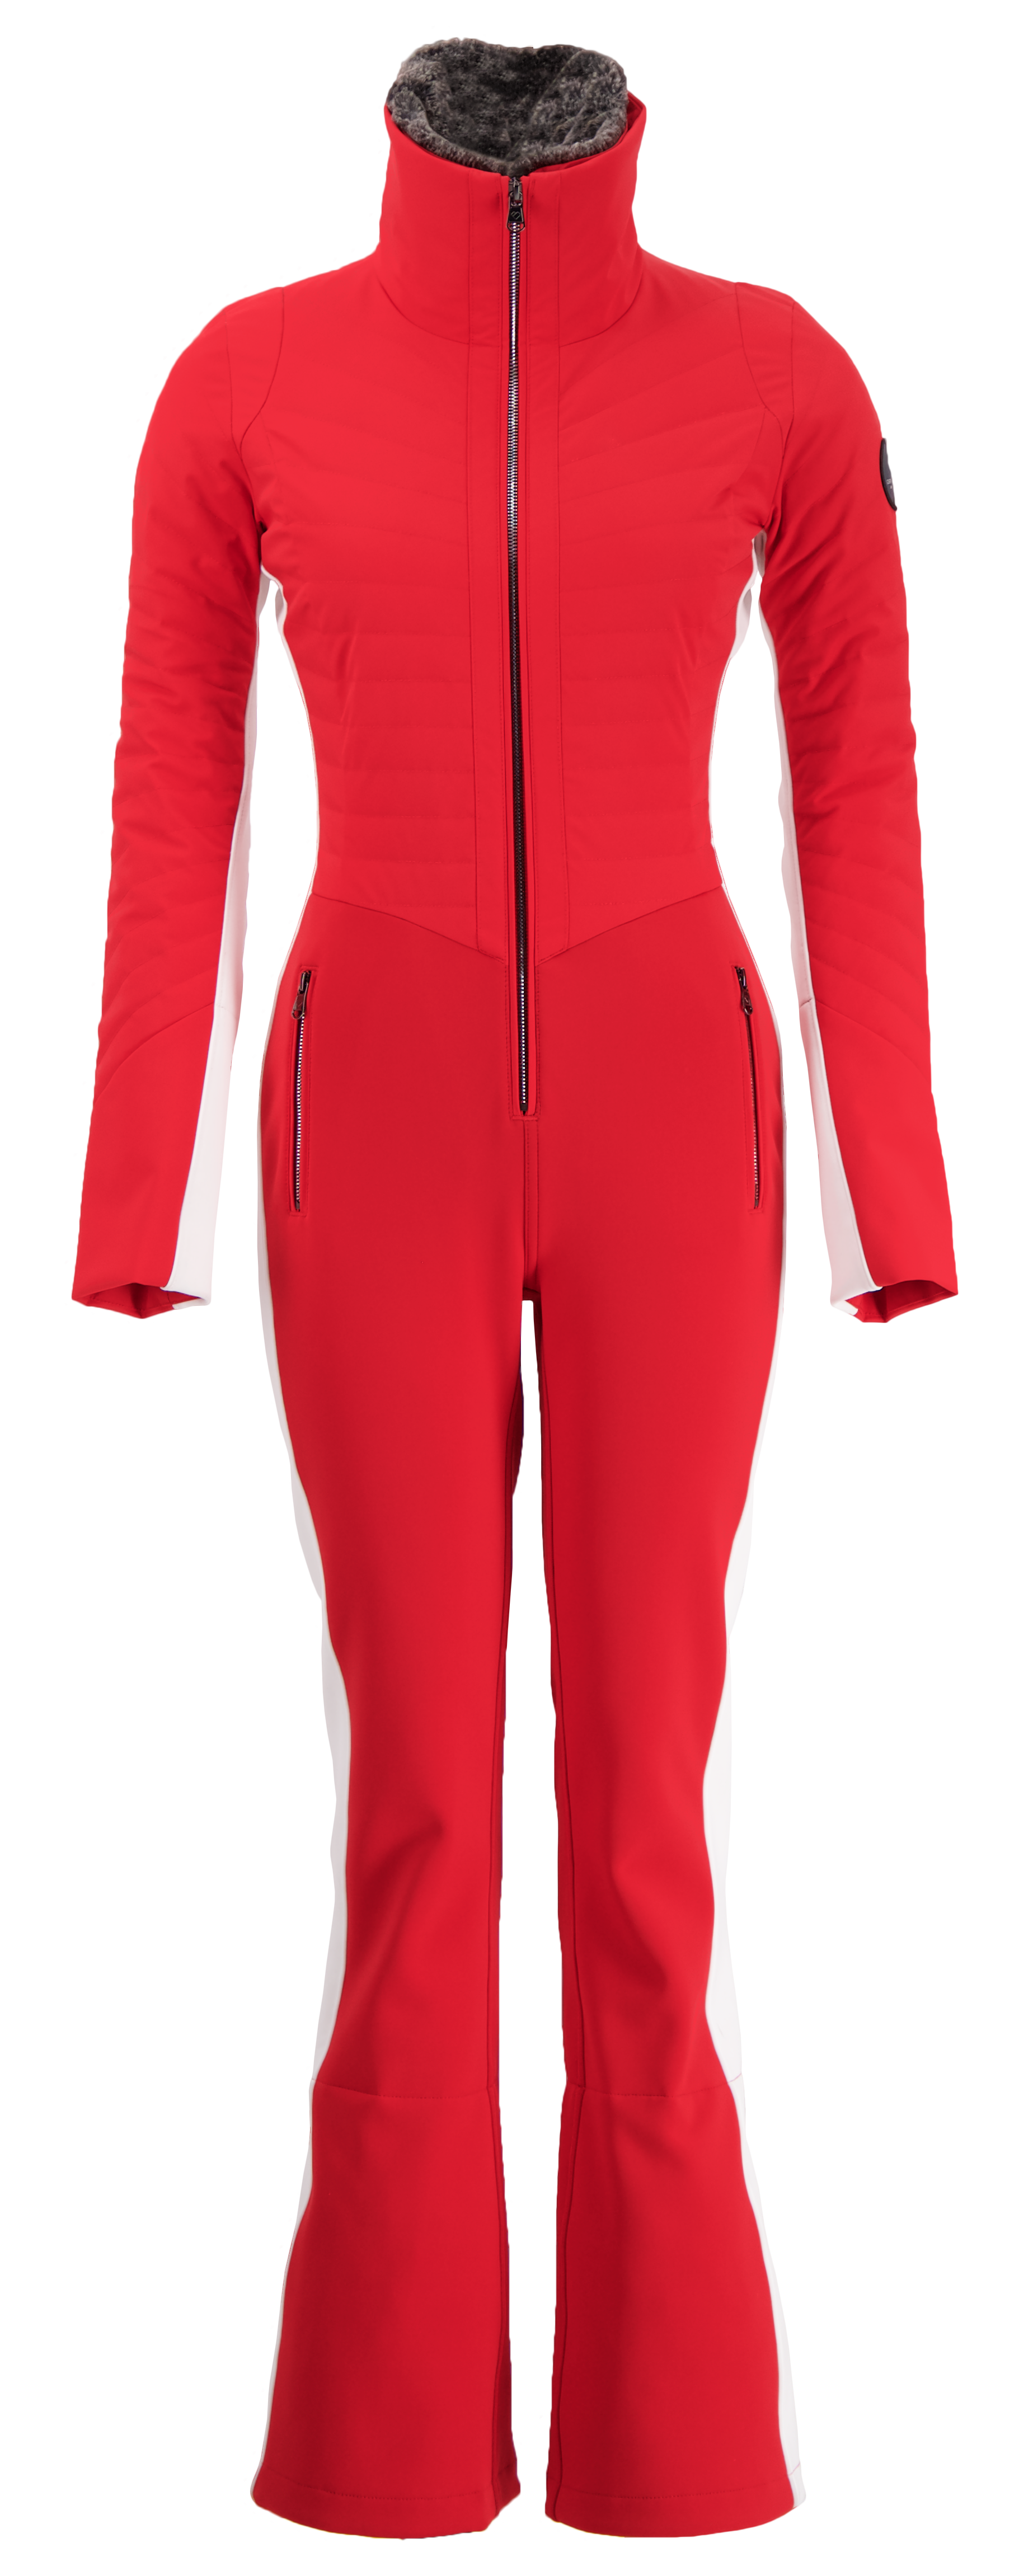 011702-skierx in air